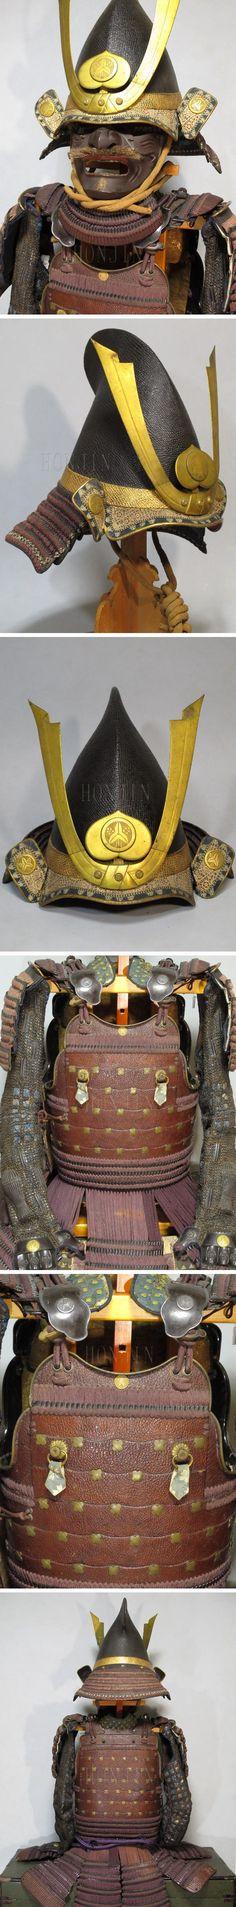 Tetsu shibokawa tsutsumi 2maidou gusoku - Edo period / 鉄皺革包二枚胴具足